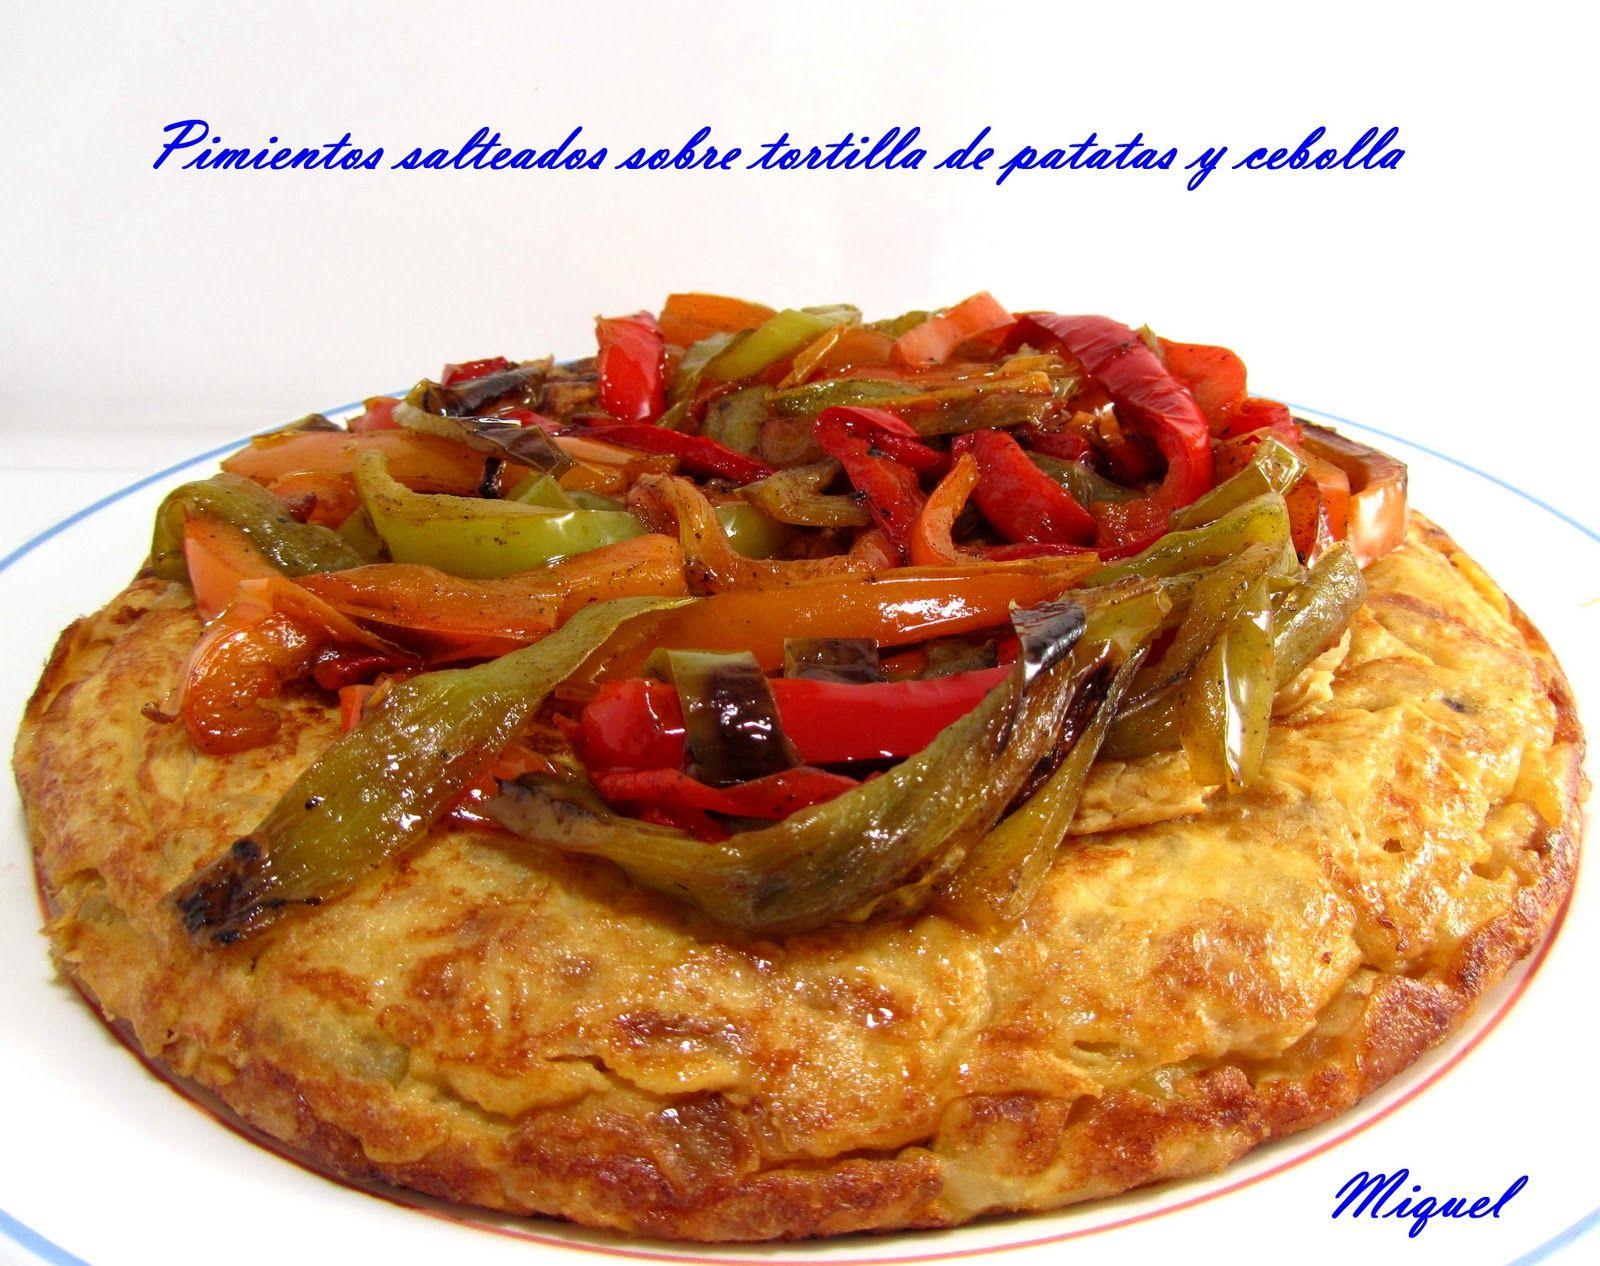 Les receptes del Miquel: Tortilla de cebolla y patatas hervidas y otras formas de acompañamiento sobre la tortilla